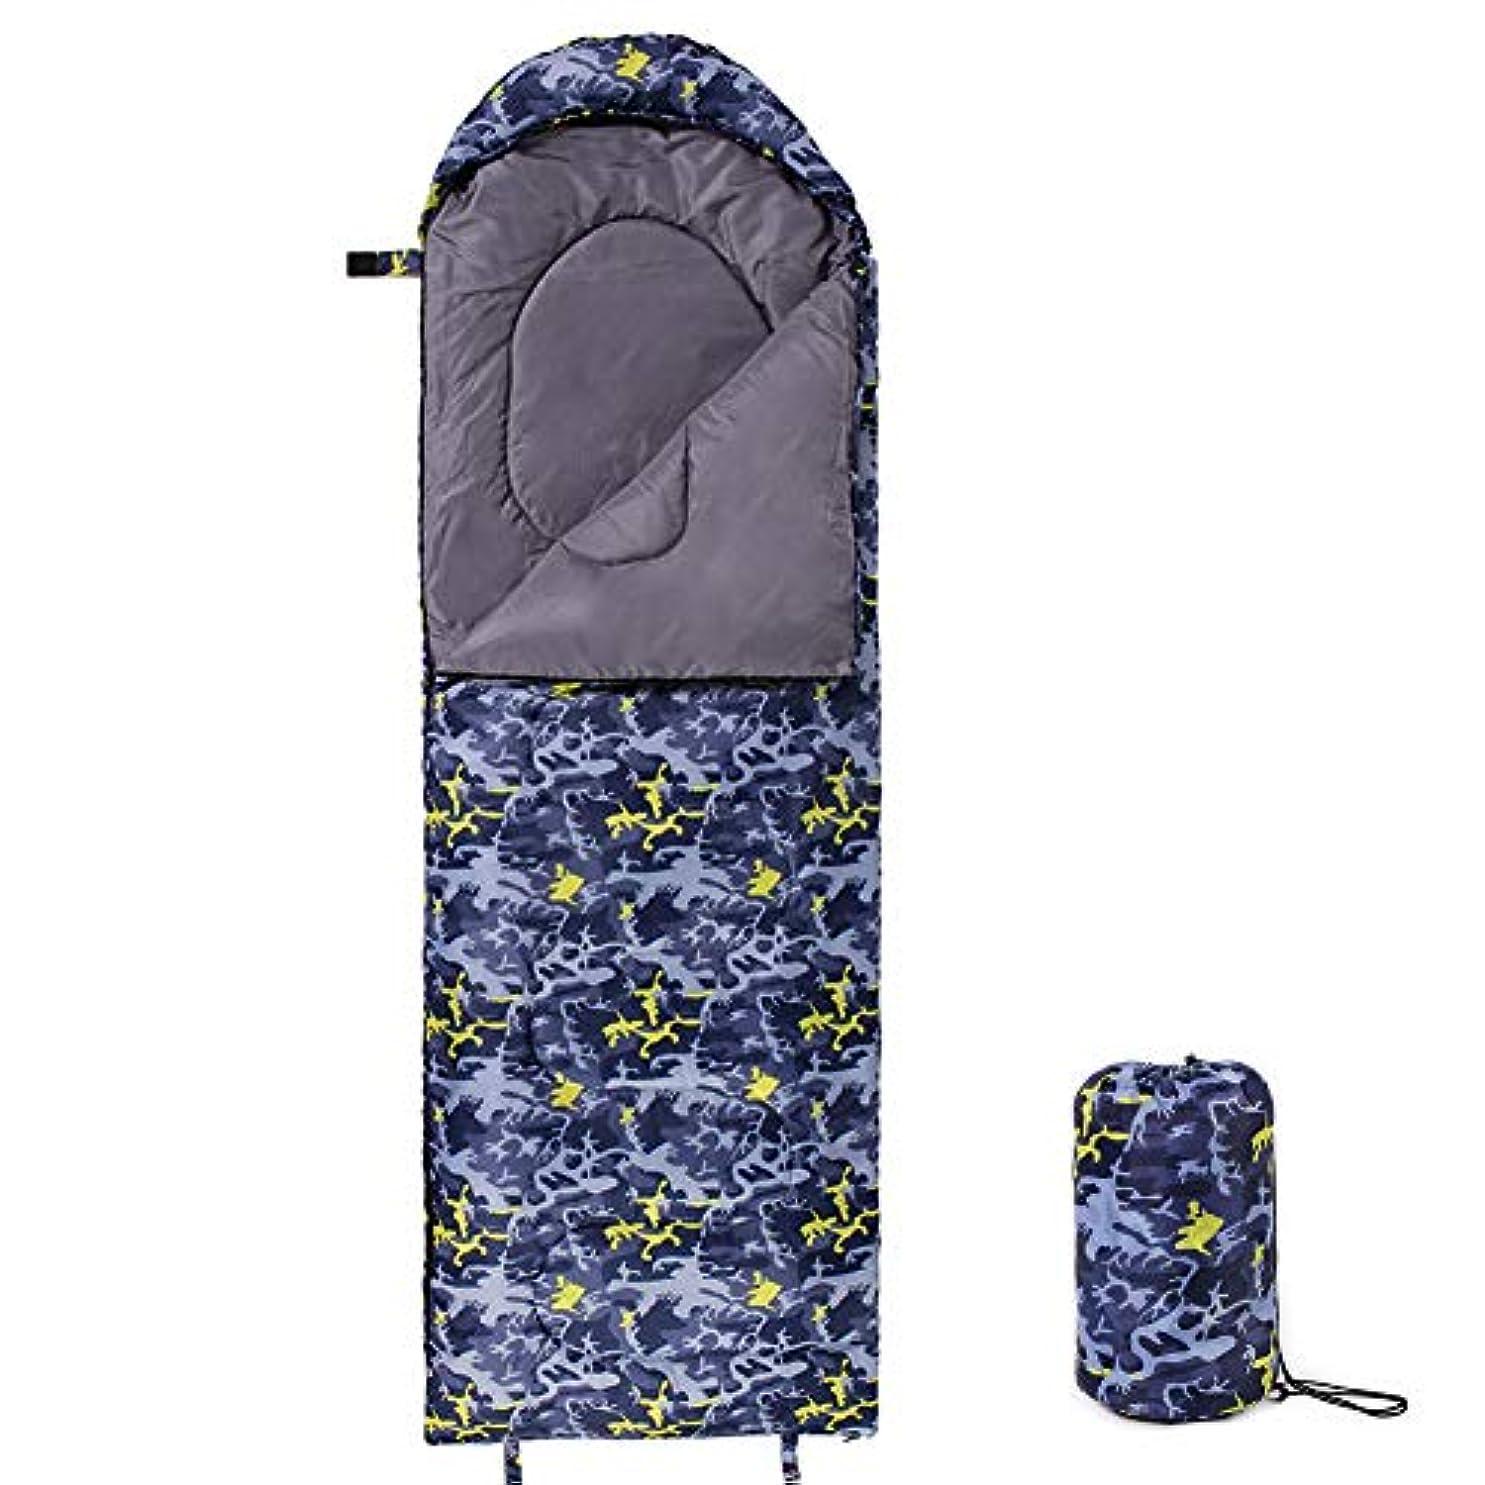 オーチャードお別れピーブアウトドア大人の寝袋、圧縮バッグ春と夏の迷彩寝袋キャンプ旅行